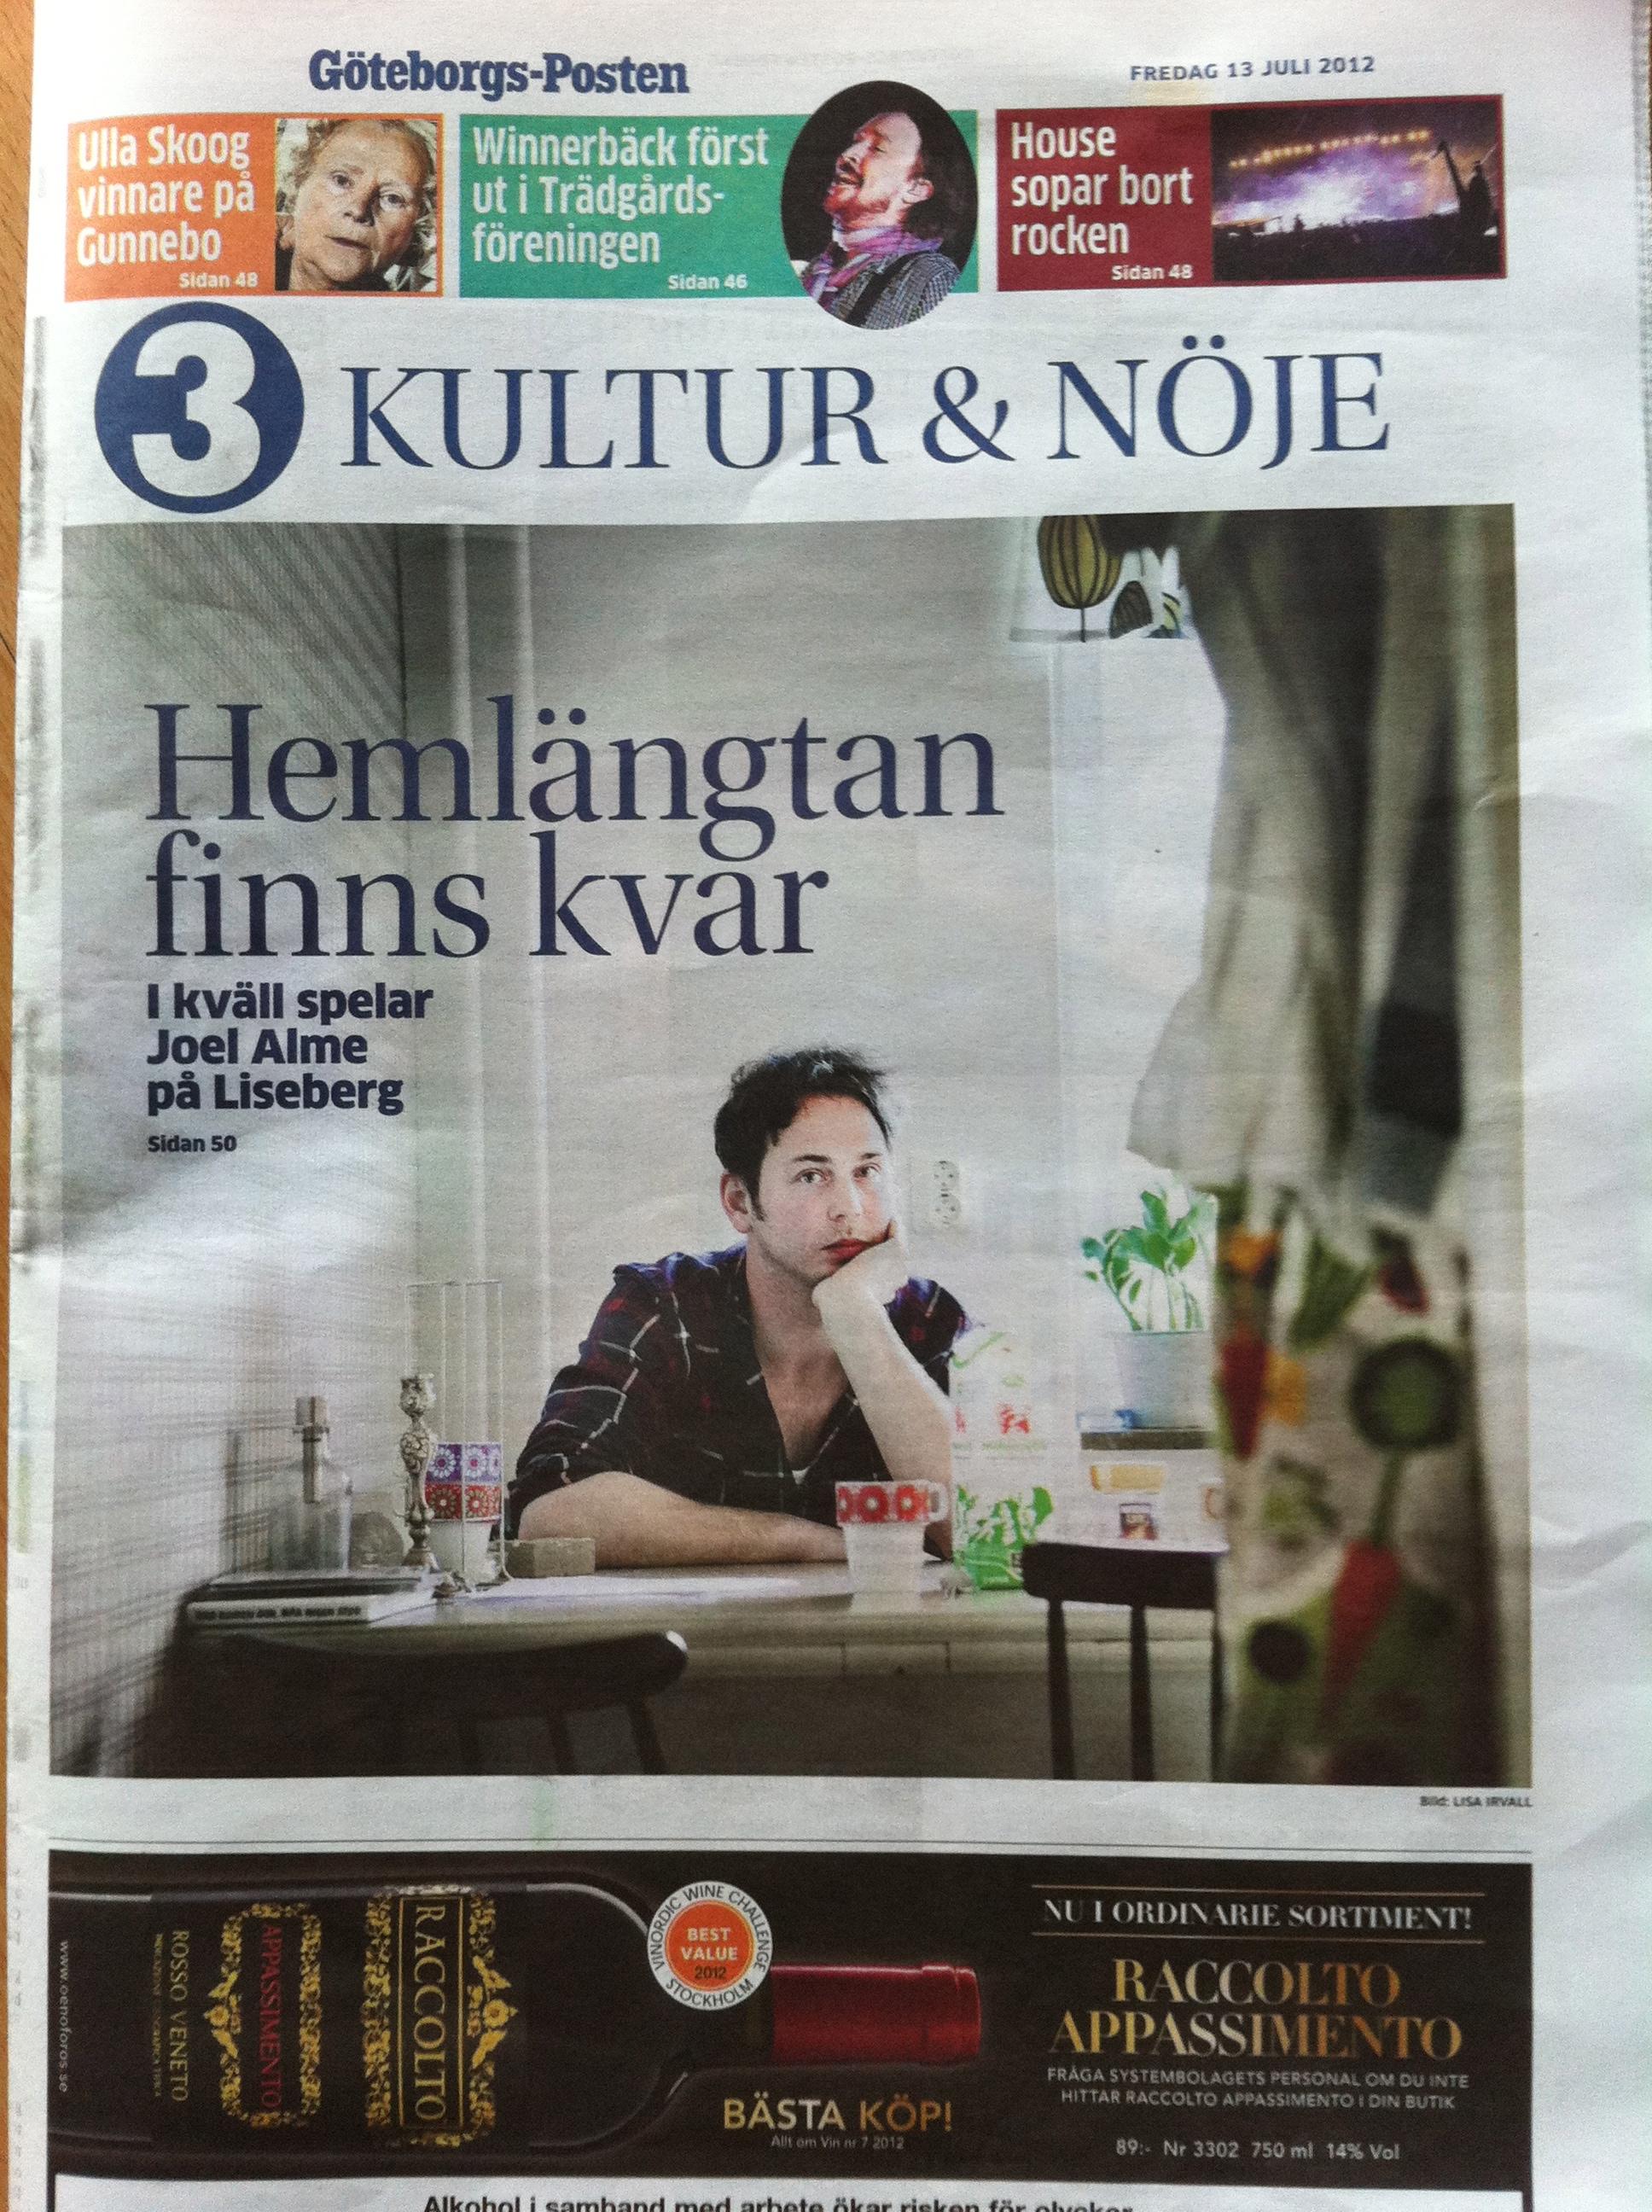 joelalme_liseberg_goteborgsposten.jpg